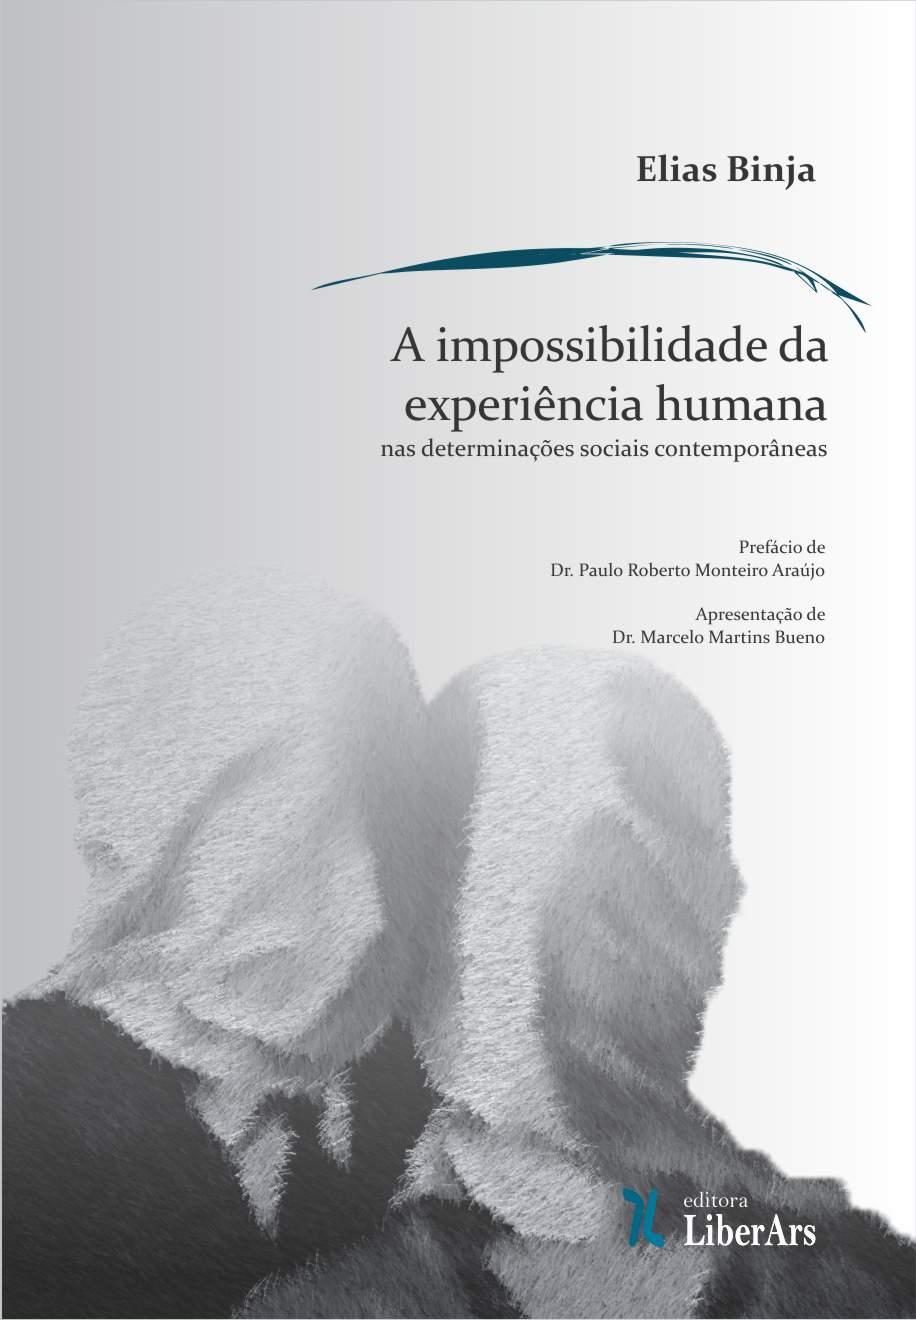 A impossibilidade da experiência humana nas determinações sociais contemporâneas, livro de Elias Binja